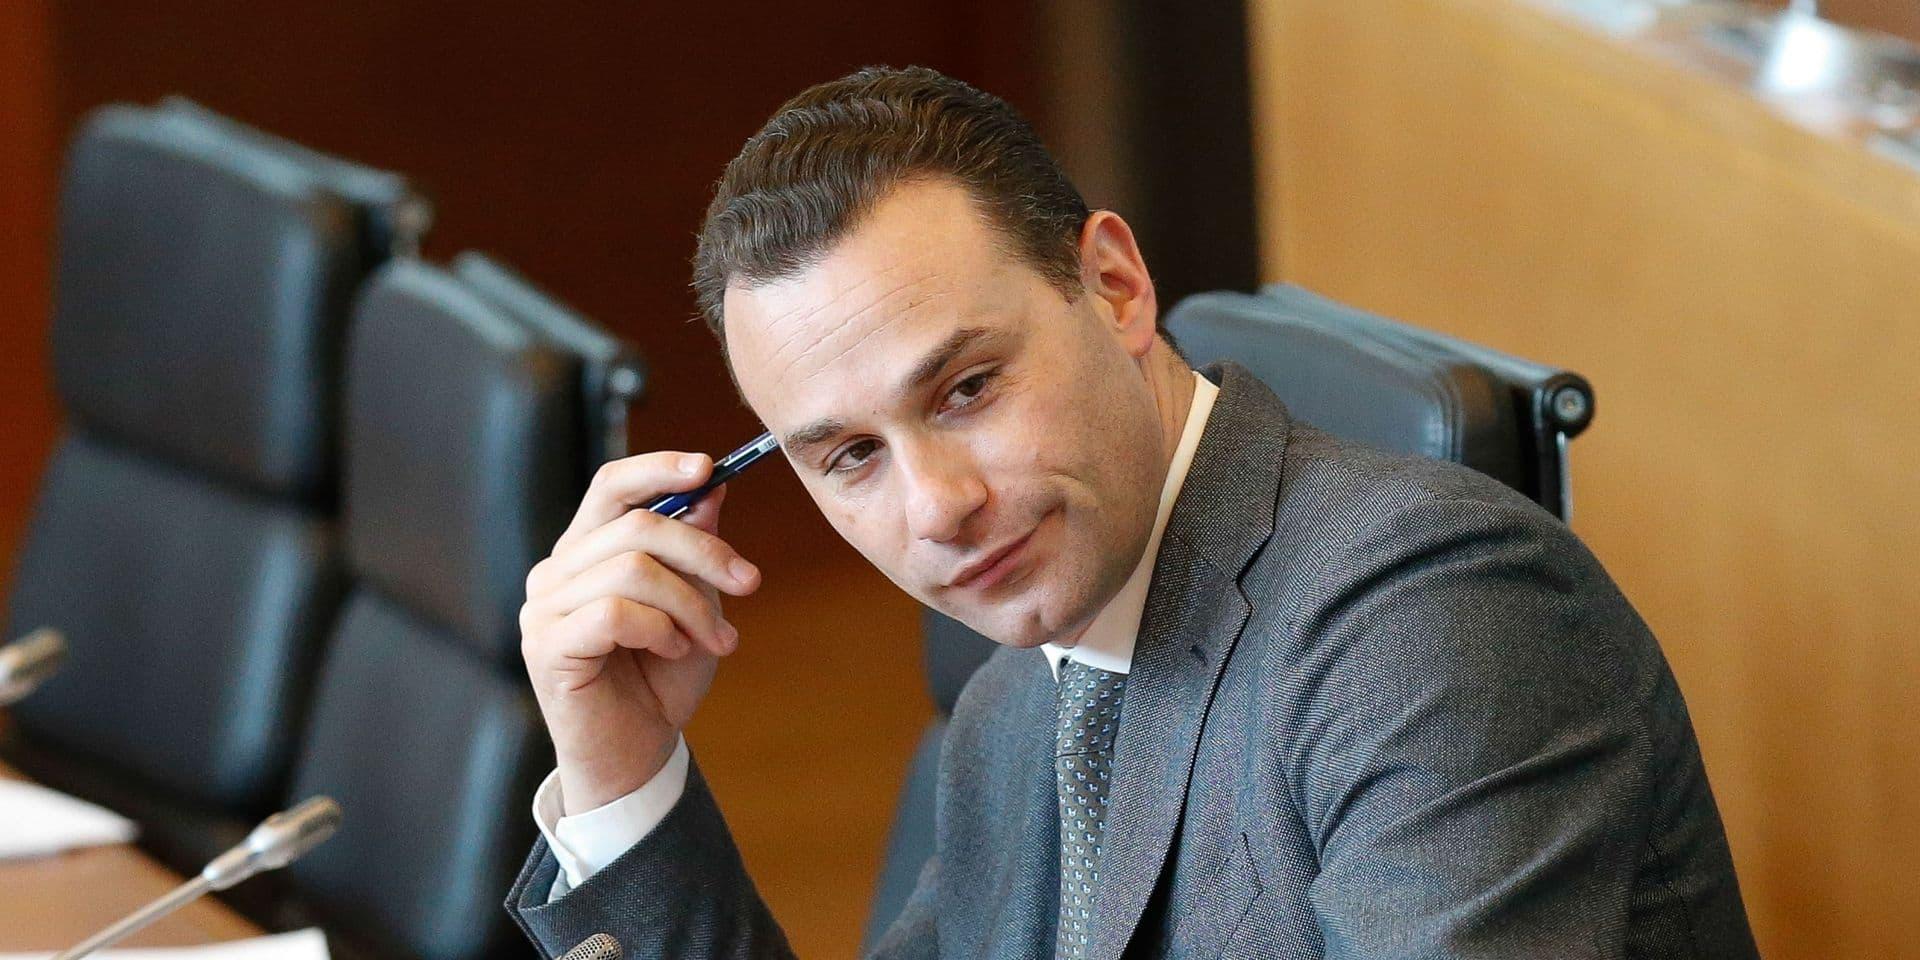 Jean-Charles Luperto, condamné pour outrage aux mœurs, ne démissionnera pas et saisit la Cour européenne des droits de l'homme